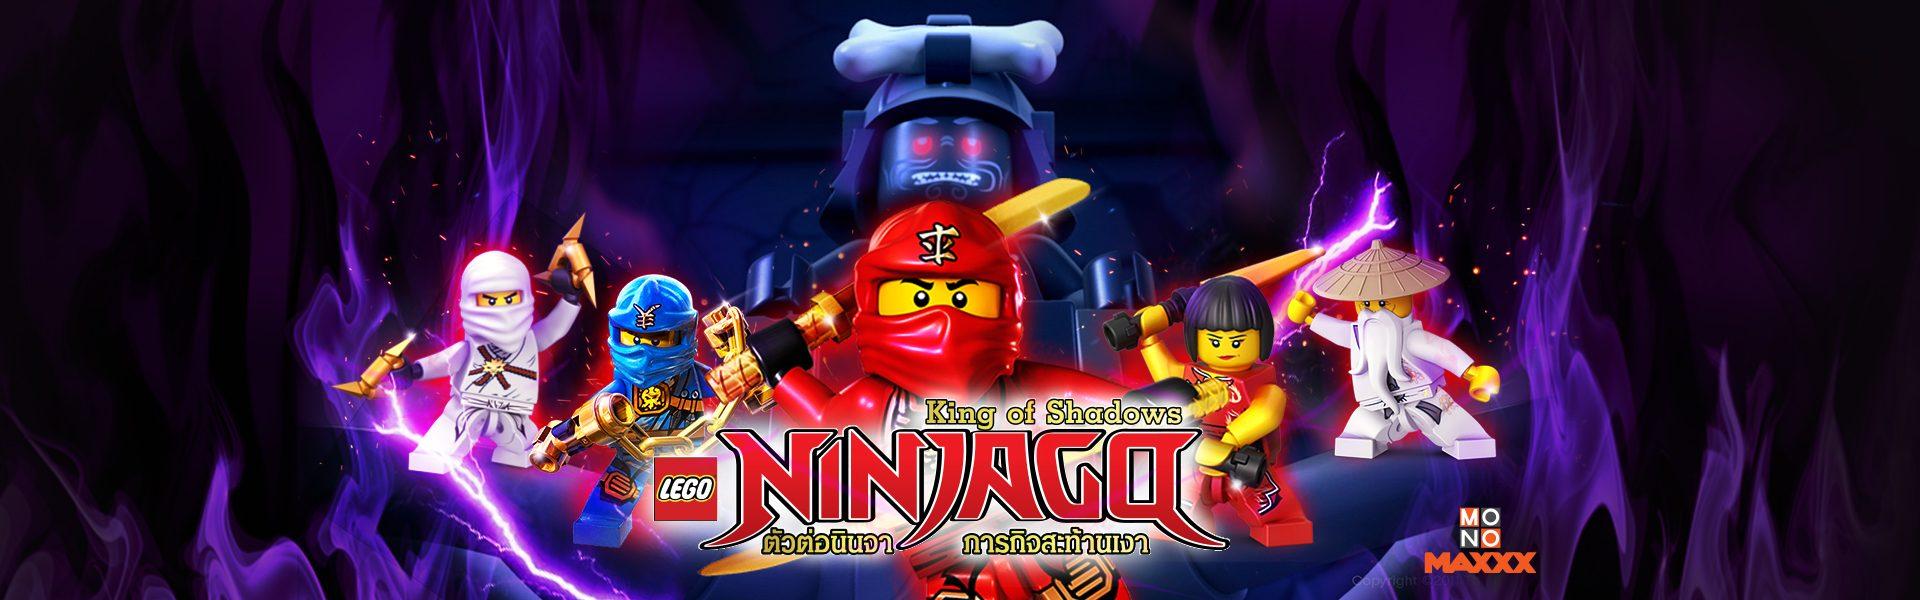 LEGO Ningjago King of Shadows